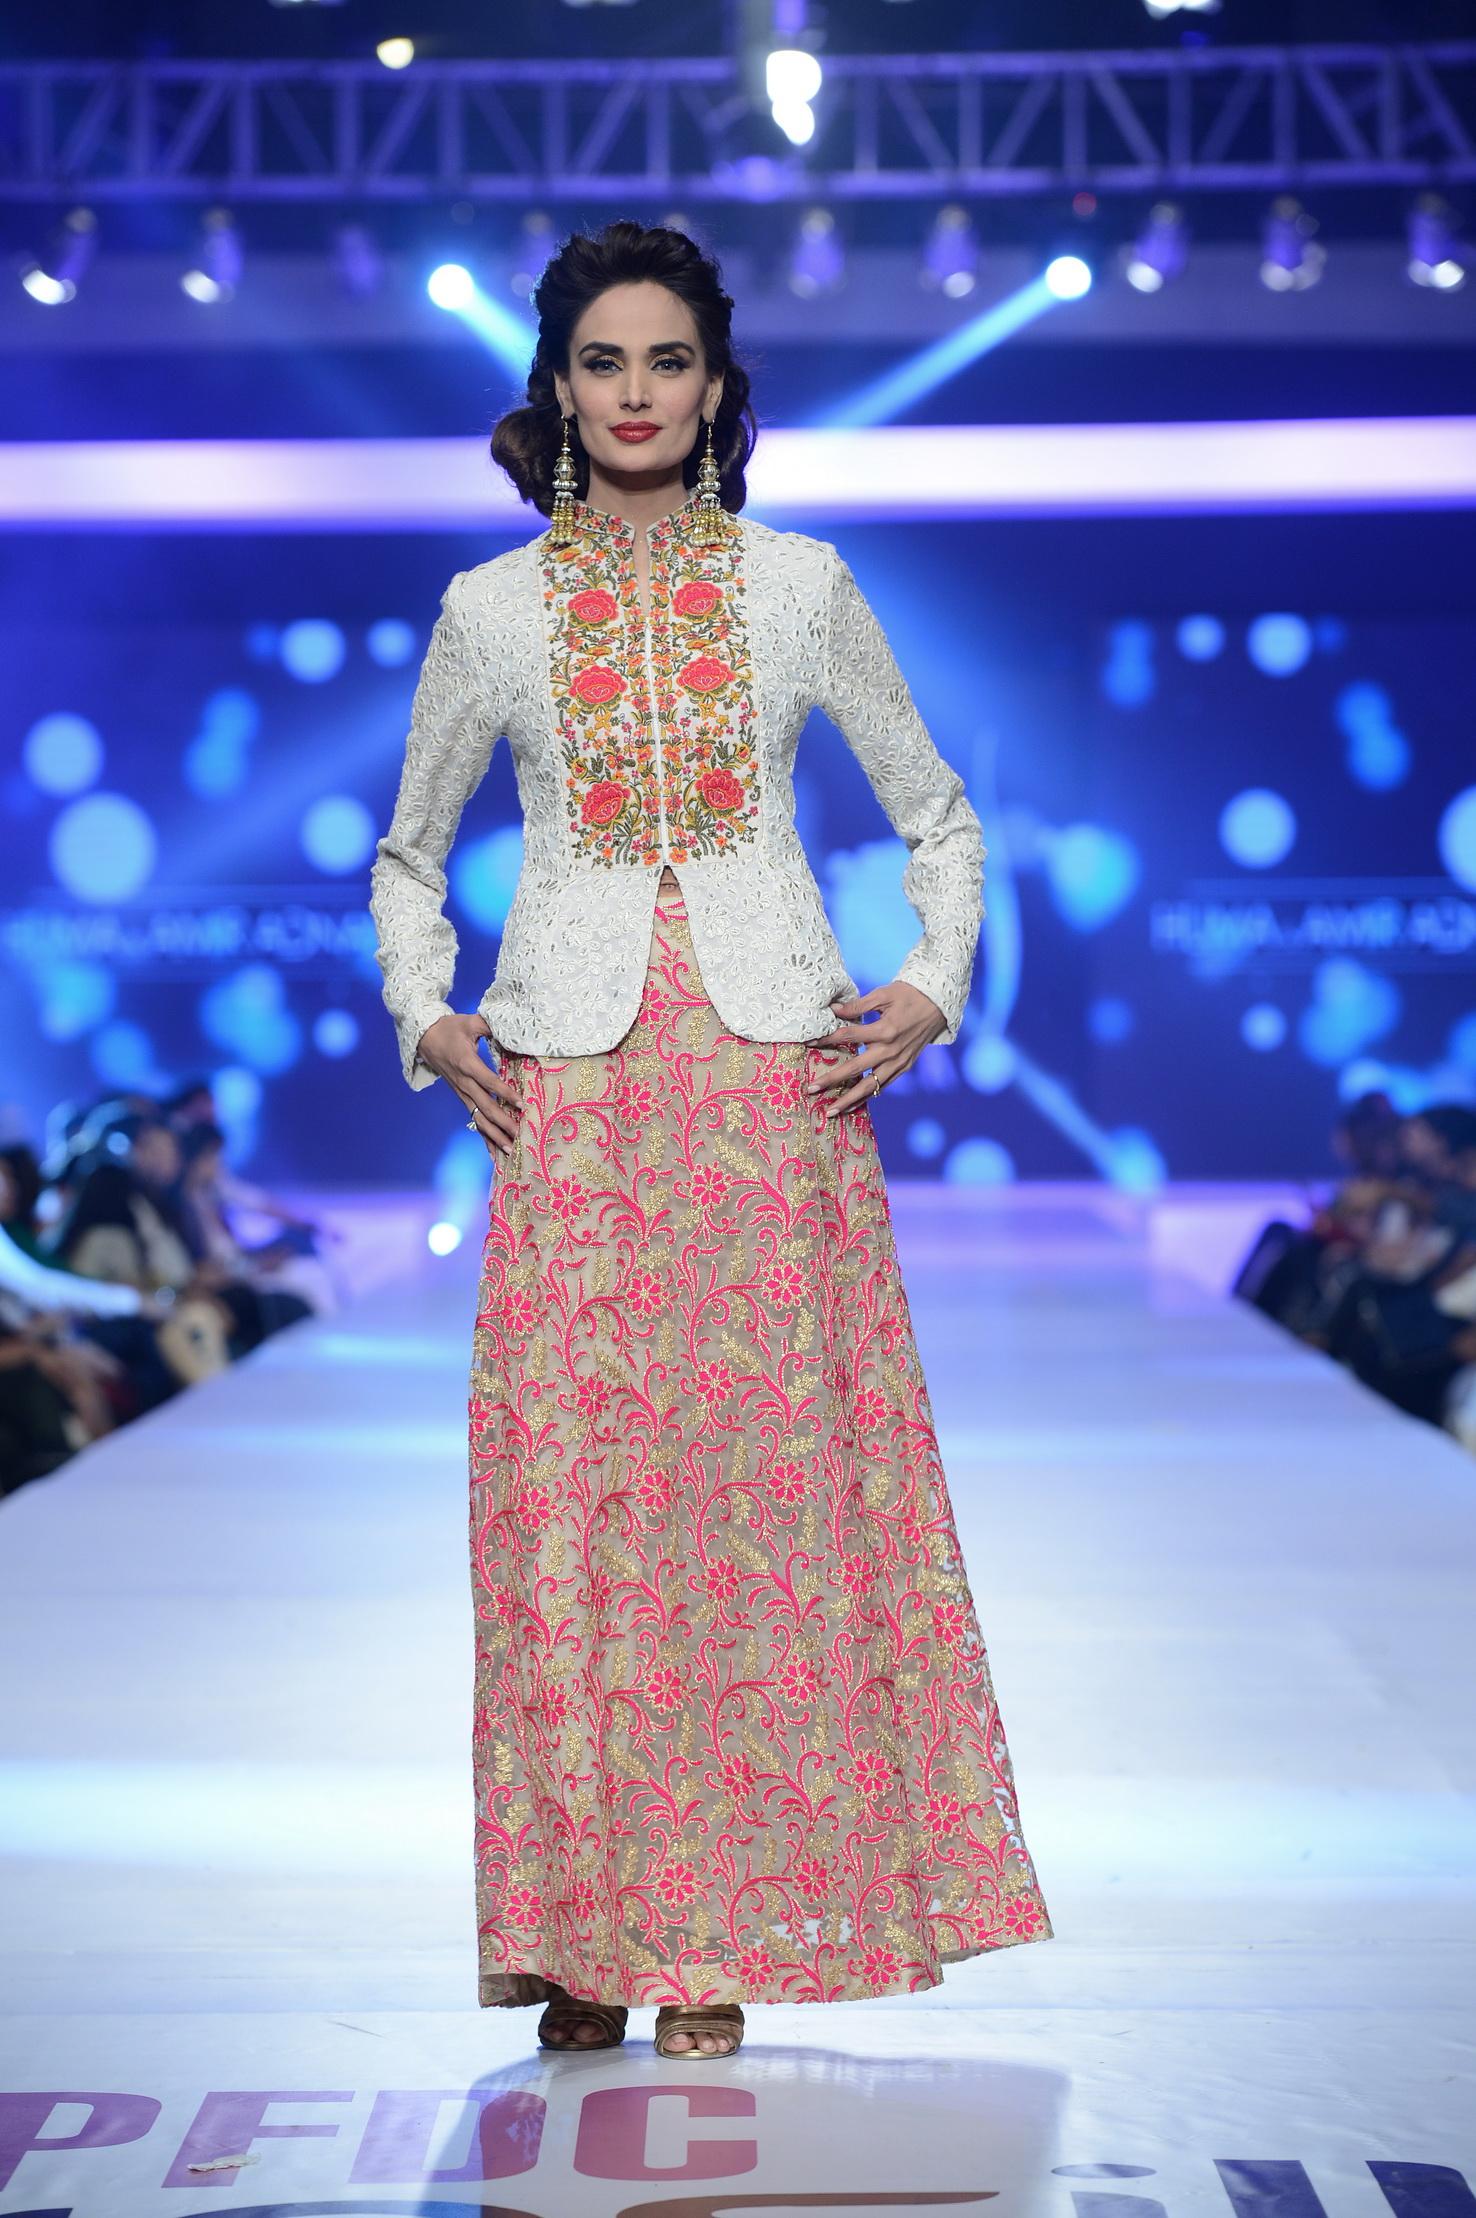 Amir baig fashion designer 91